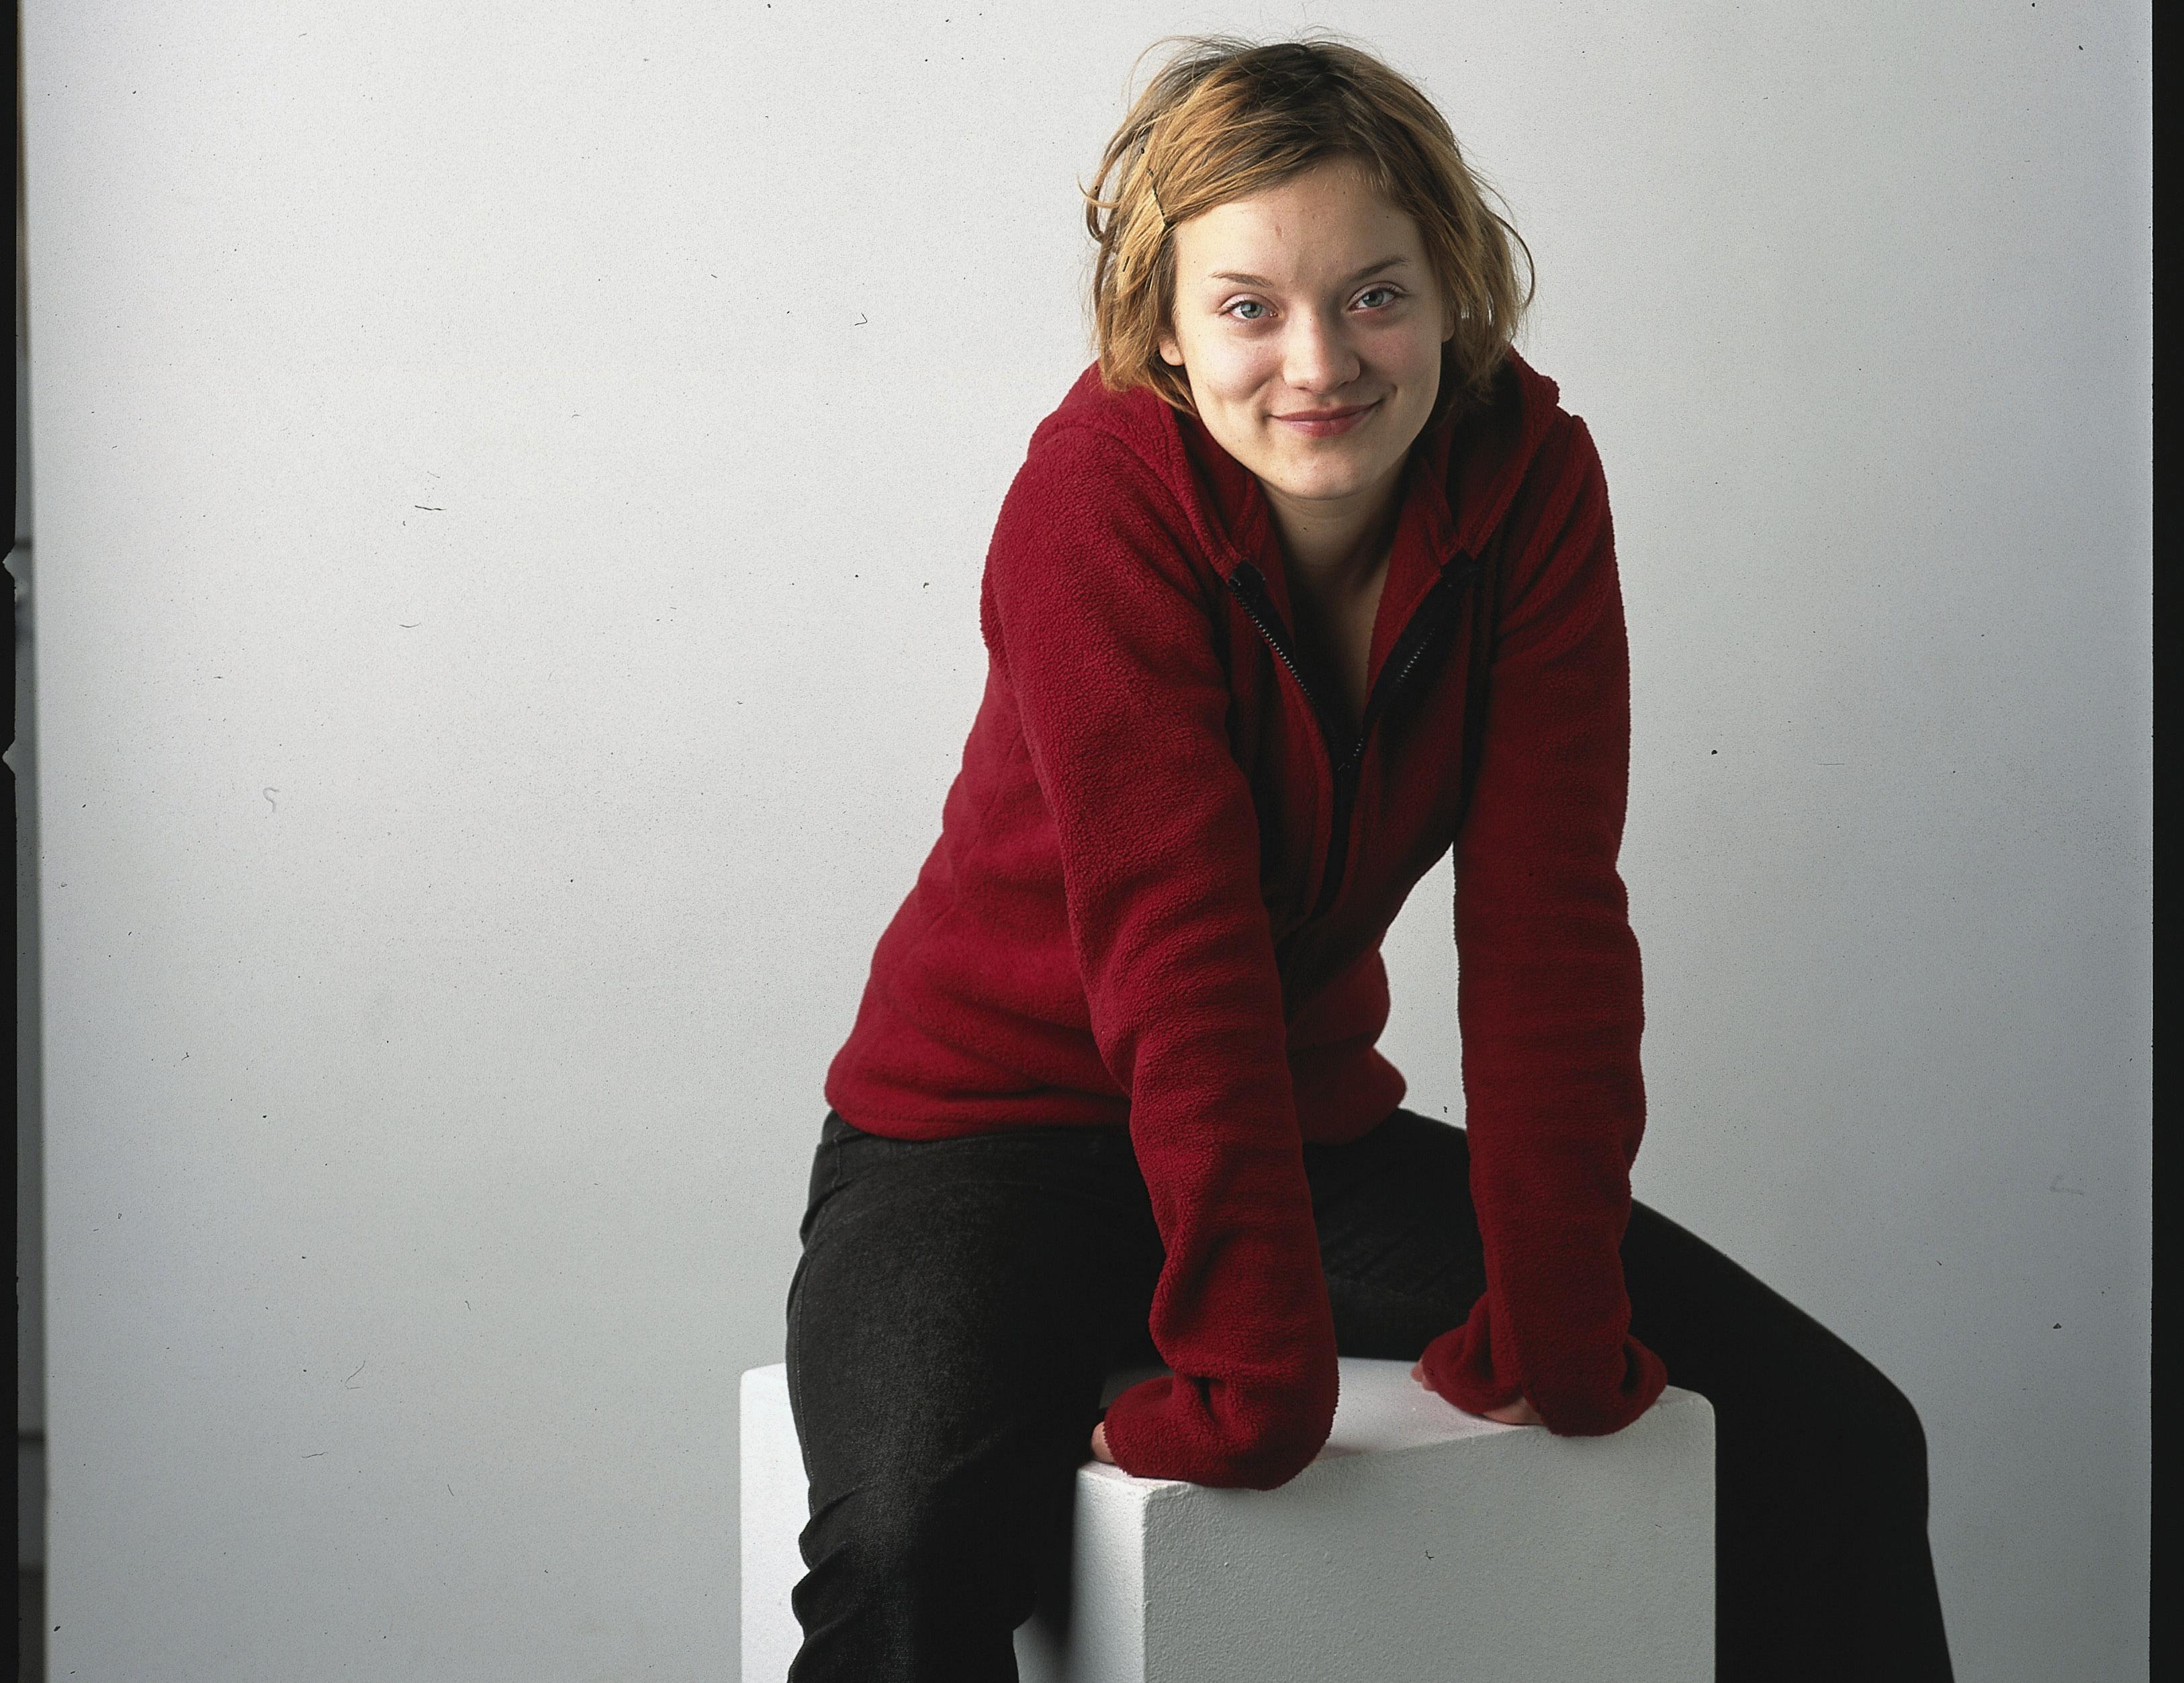 Näyttelijä Elena Leeve kertoo hypänneensä tuntemattomaan, kun hän on taas sinkku.